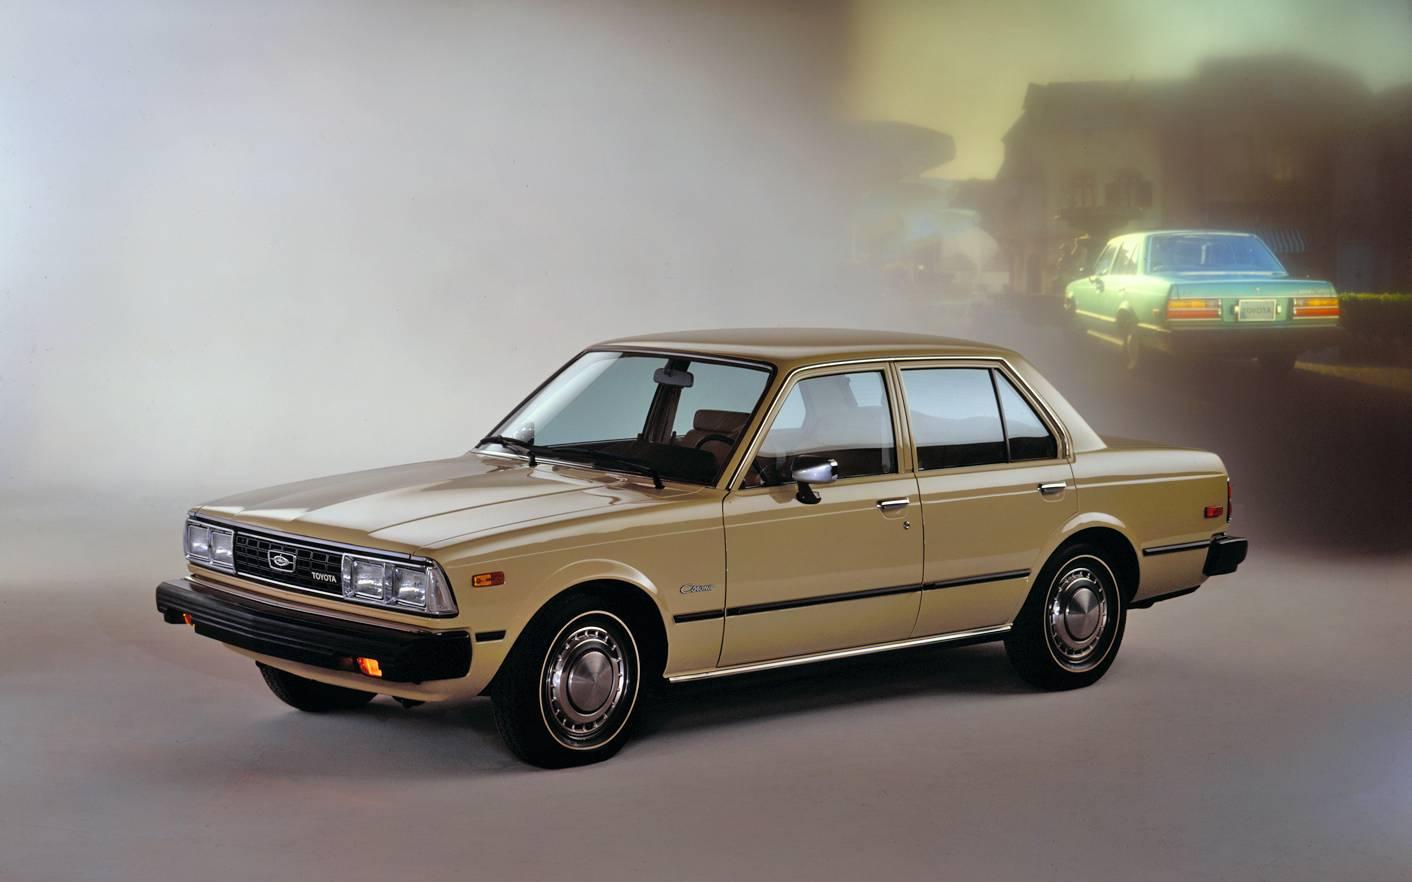 Découvrez la Toyota Corona… sans virus! 417775-decouvrez-la-toyota-corona-sans-virus